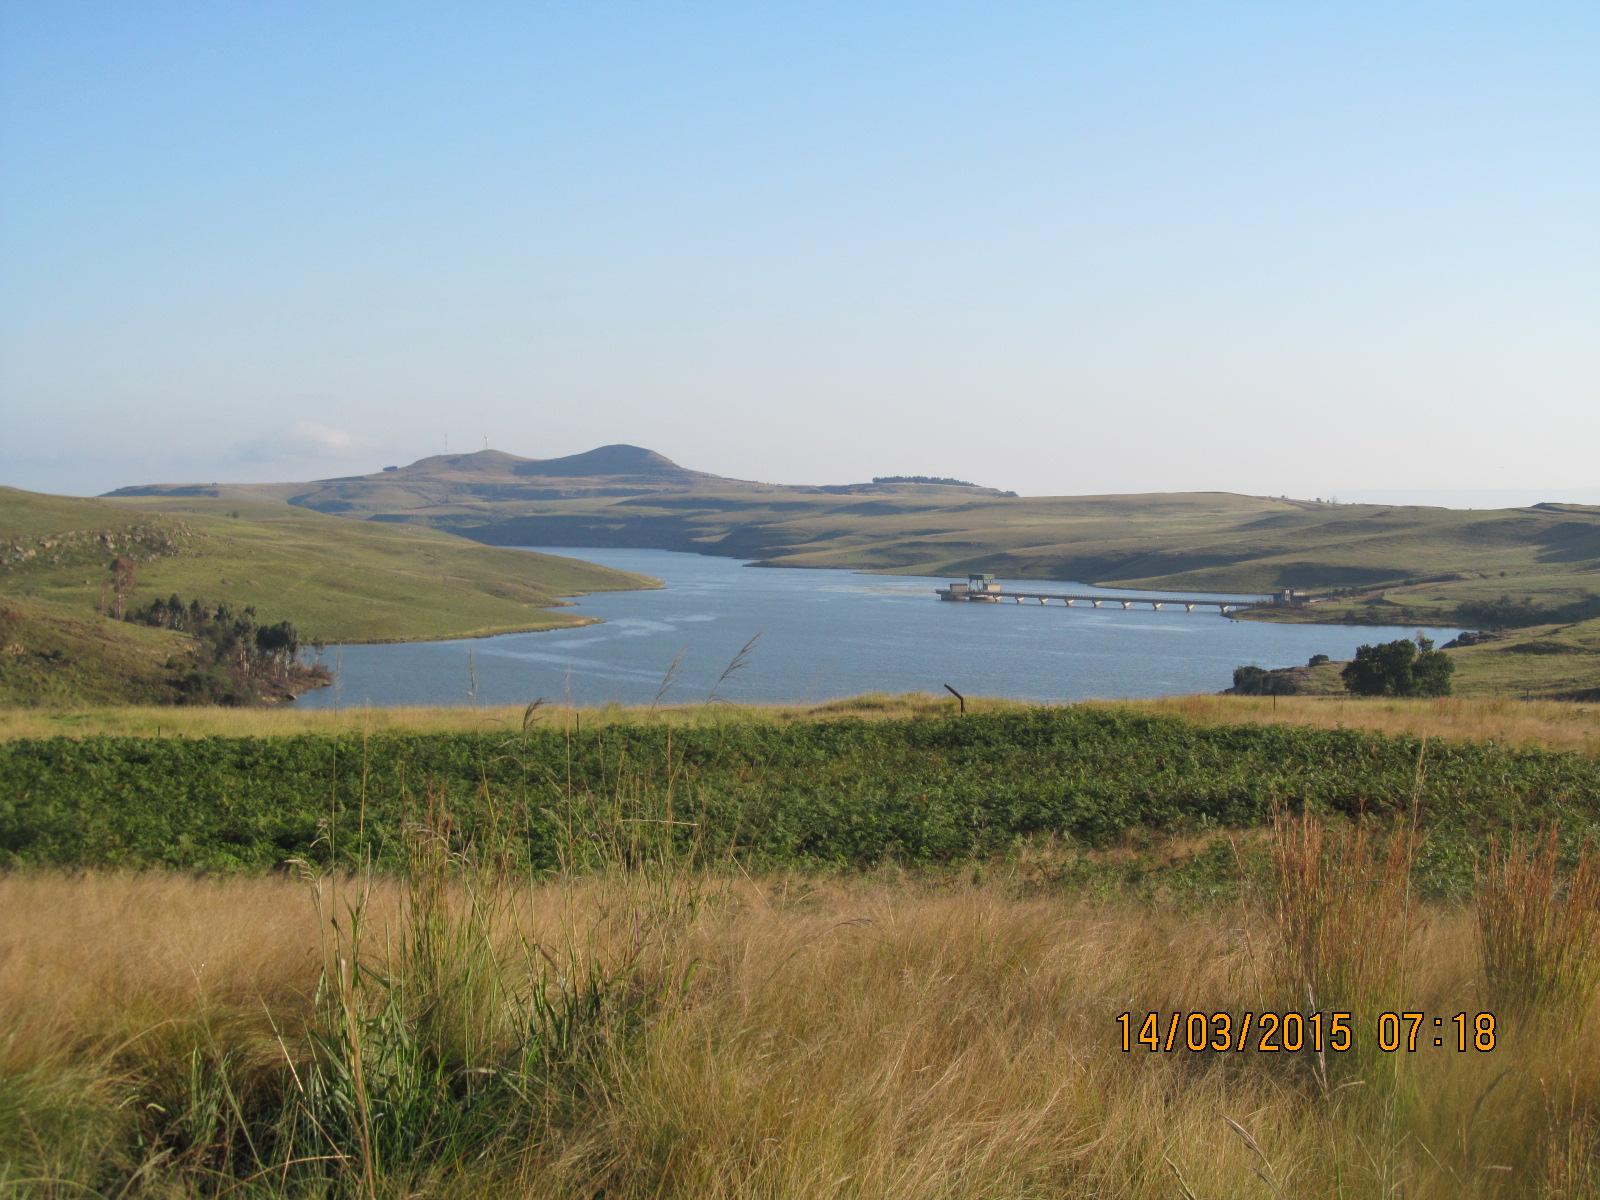 Sterkfontein dam 10